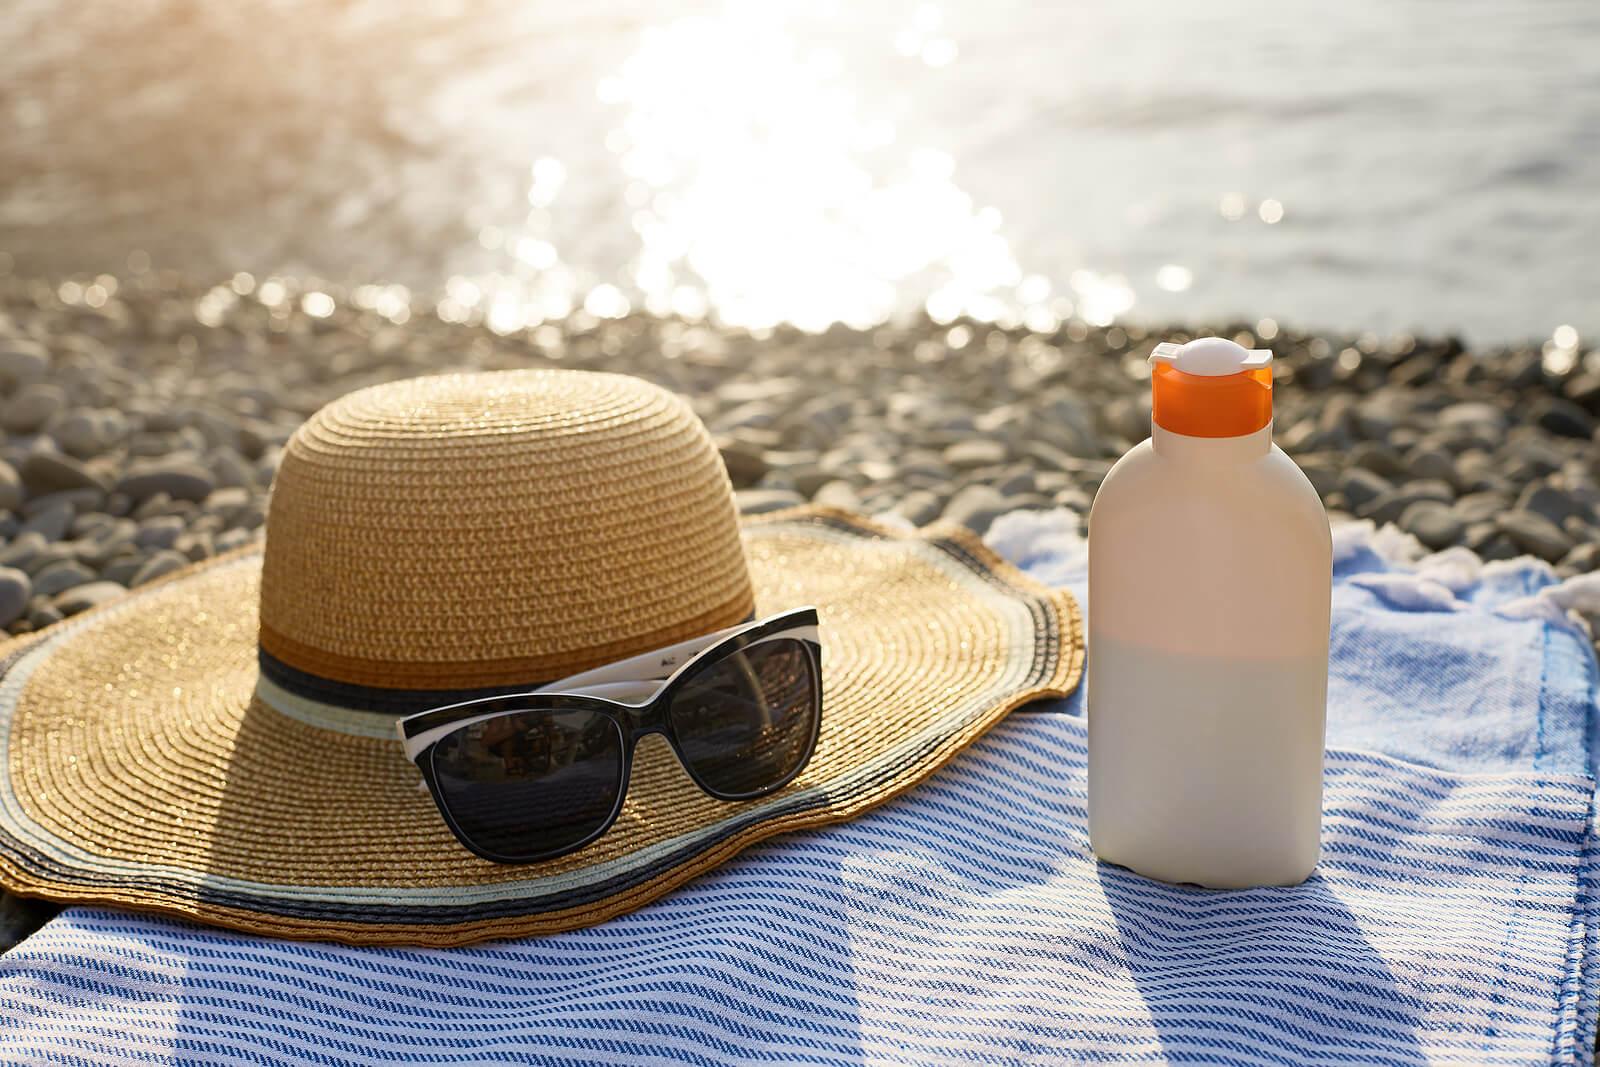 Claves para protegerse de los rayos UV